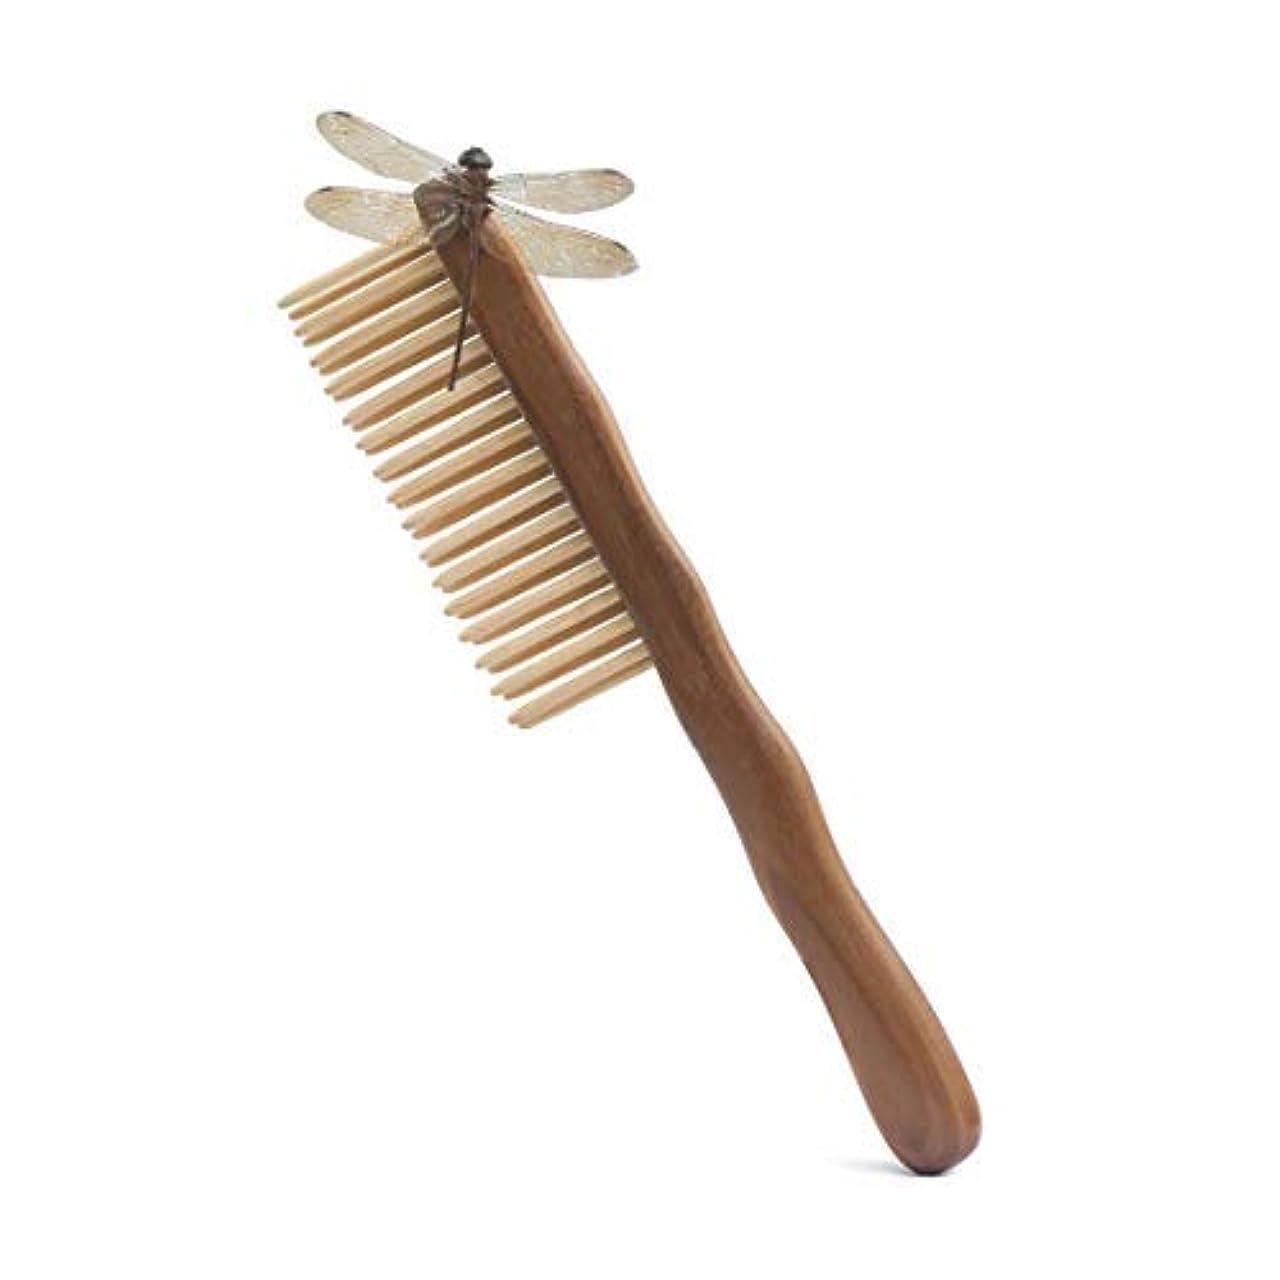 進捗橋遅れSandalwood Hair Comb, 100% Handmade Wooden Detangling Wide Tooth Comb with Natural Aroma [並行輸入品]